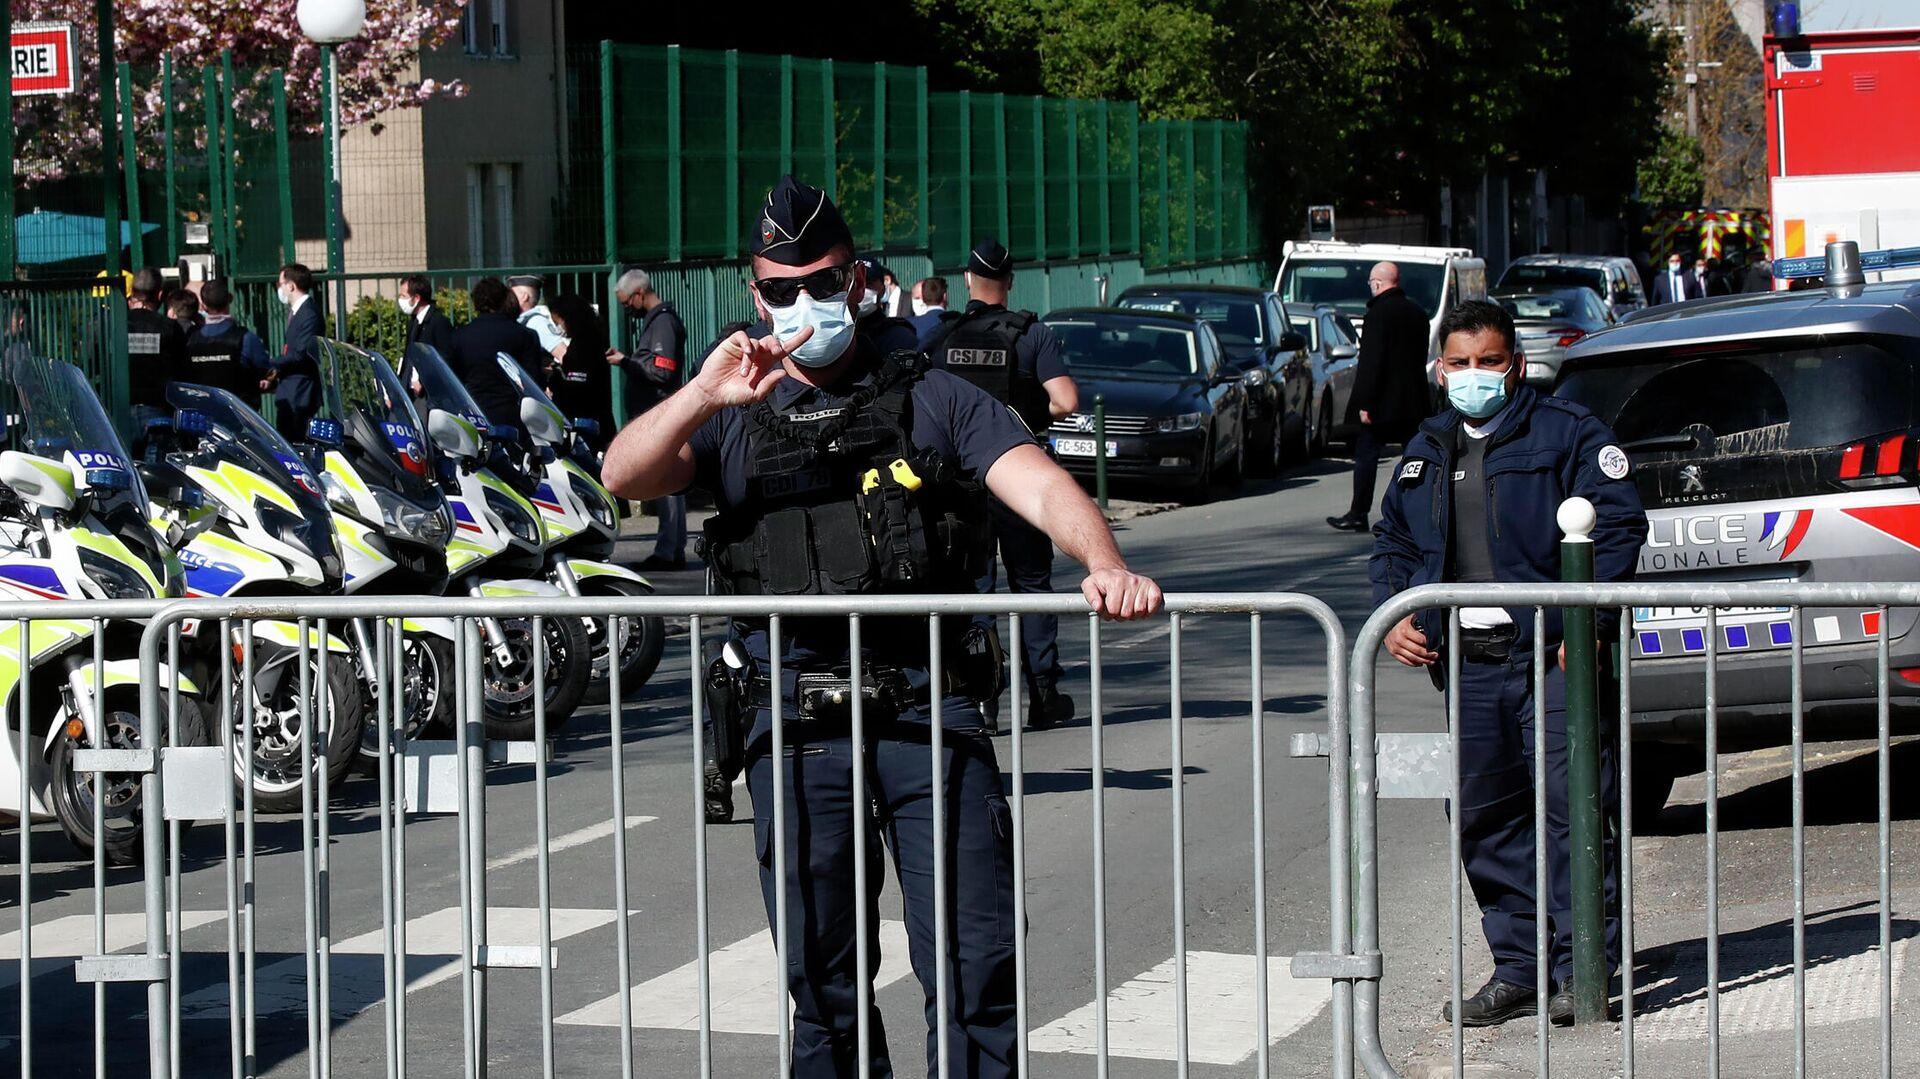 Полицейские на месте нападения на женщину-полицейского в коммуне Рамбуйе под Парижем - РИА Новости, 1920, 23.04.2021